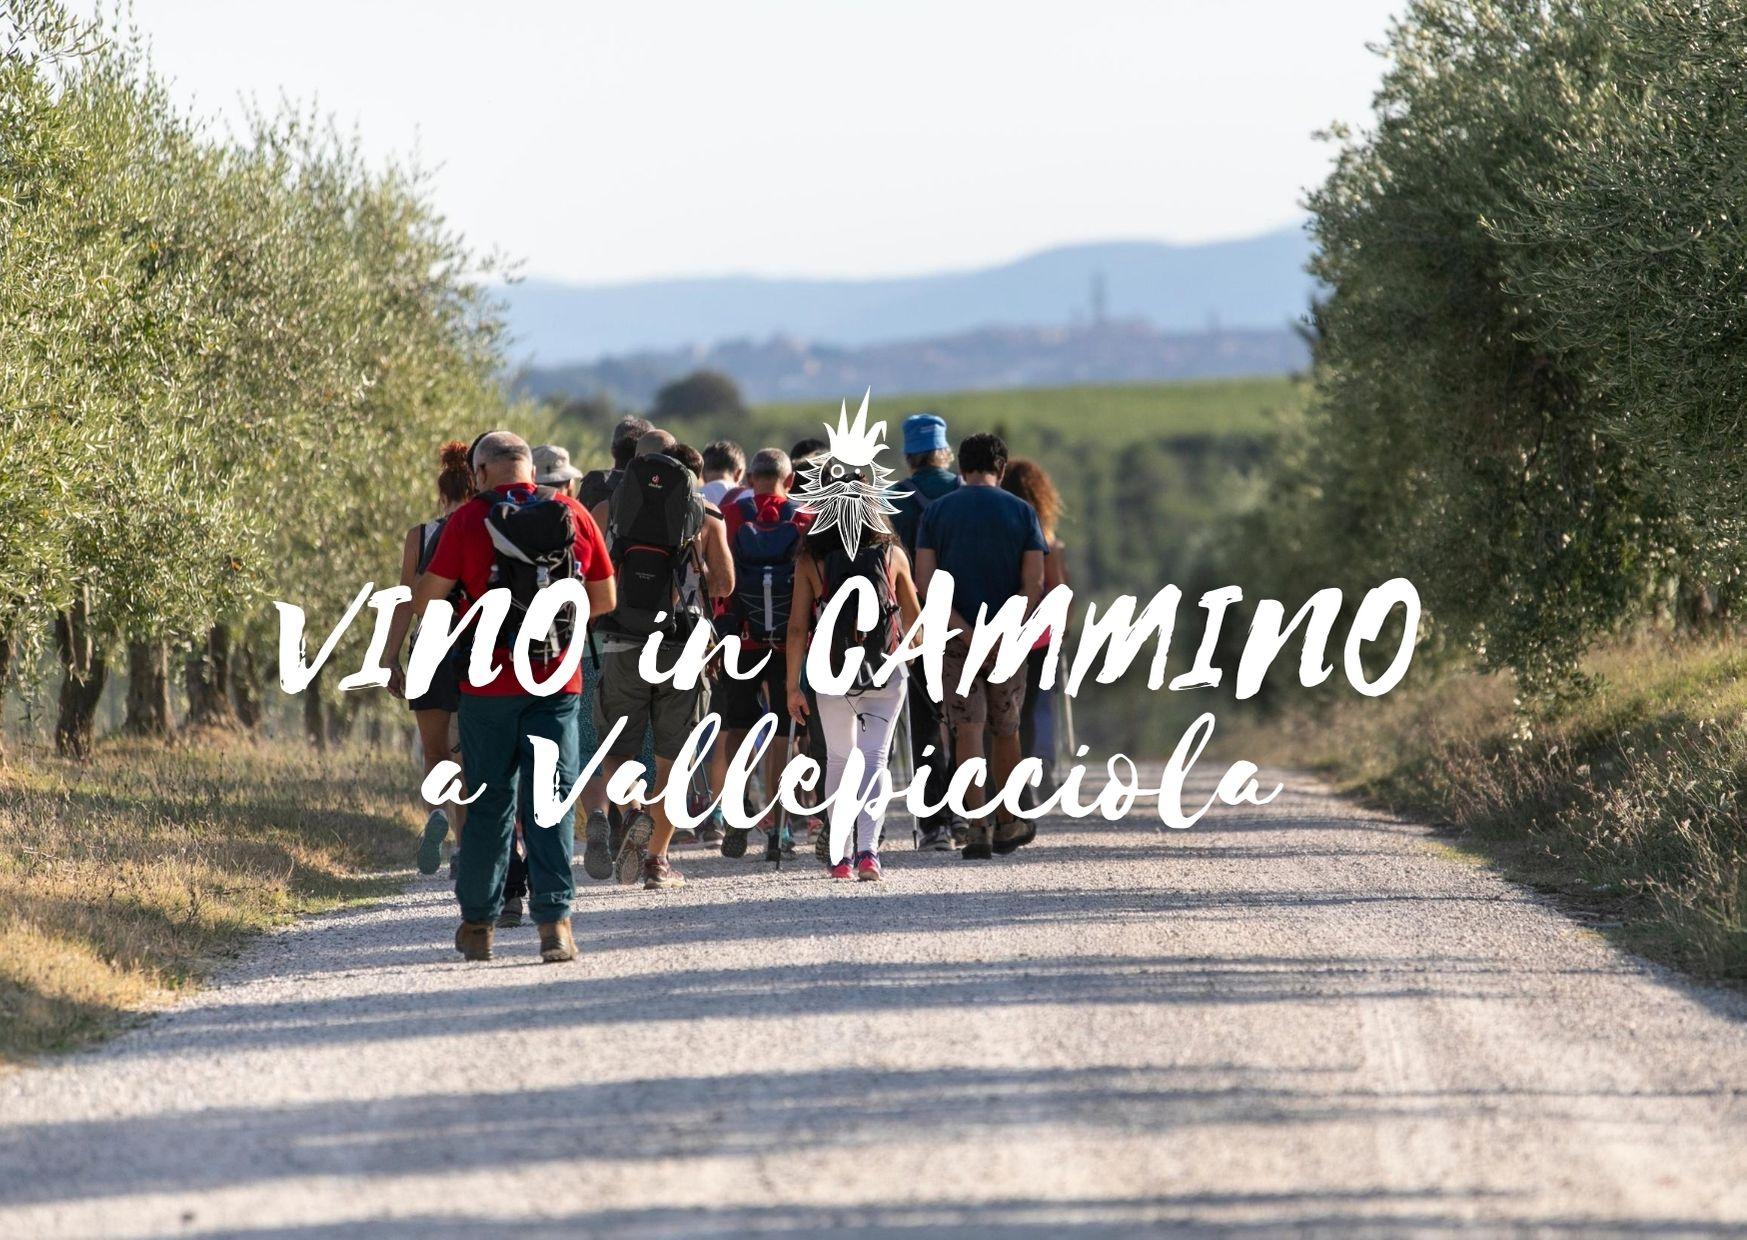 VINO in CAMMINO a Vallepicciola, con Sara Testi, Walking, Hiking and Tour Guide